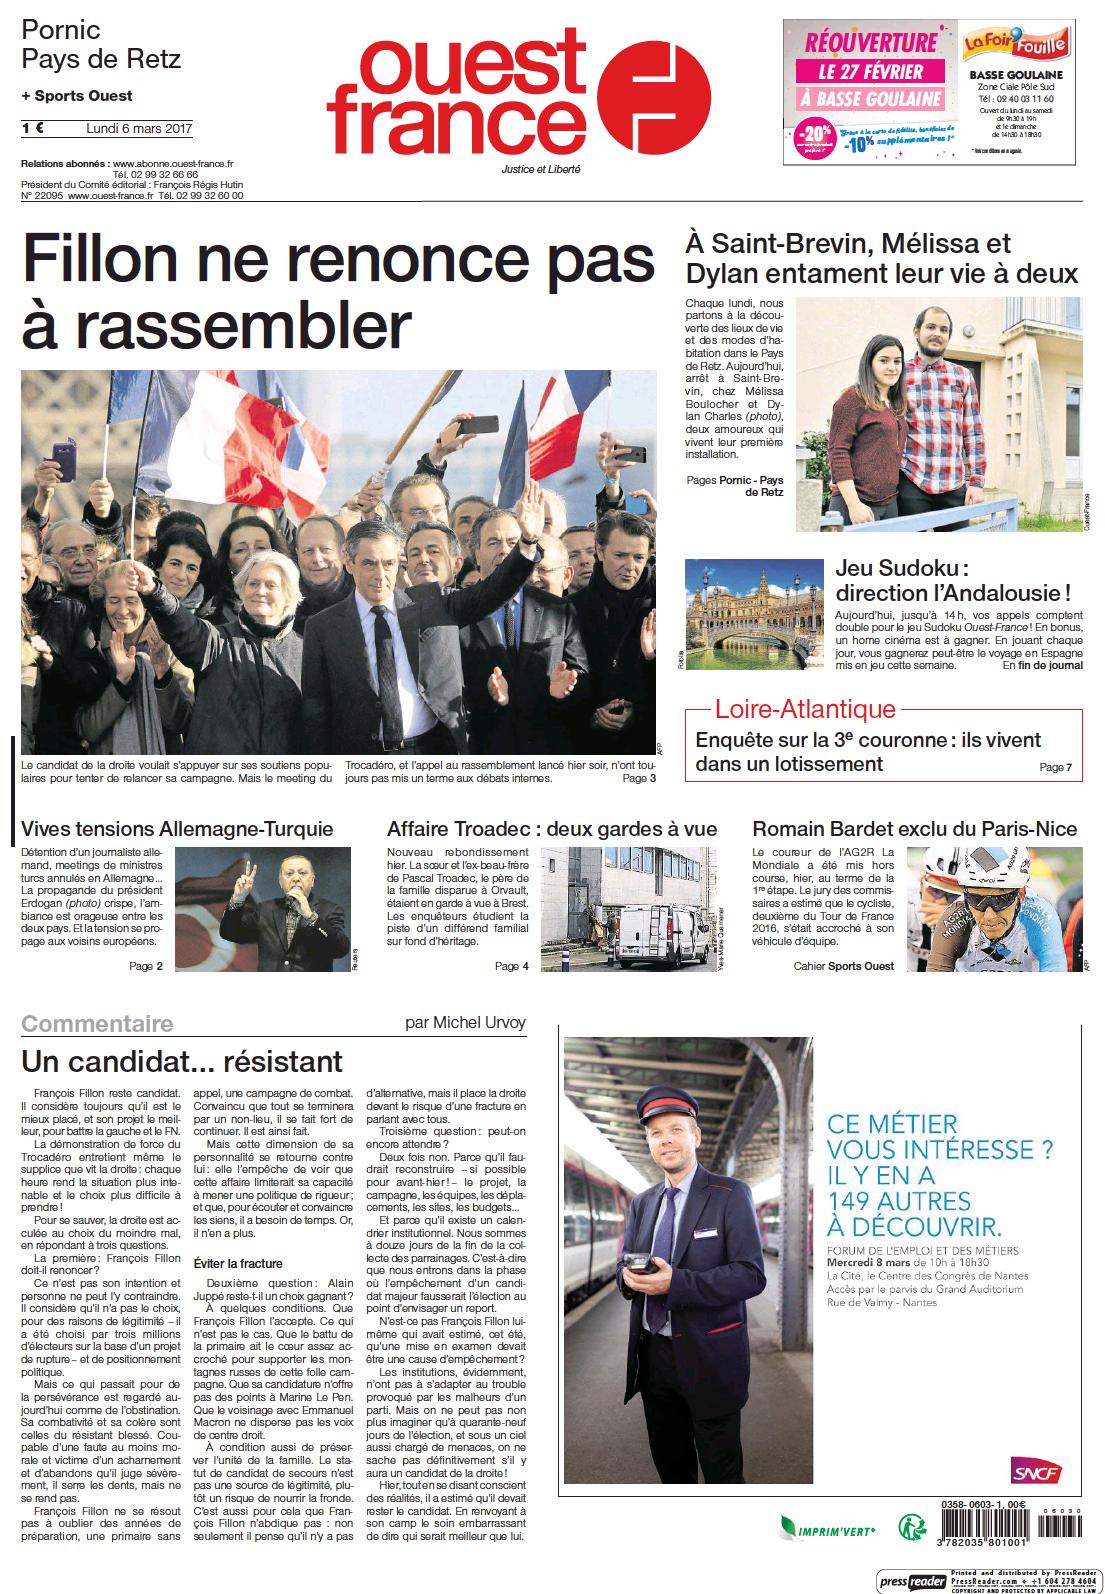 Pornic - 06/03/2017 - La Une du Ouest-France édition de Pornic du 06/03/2017